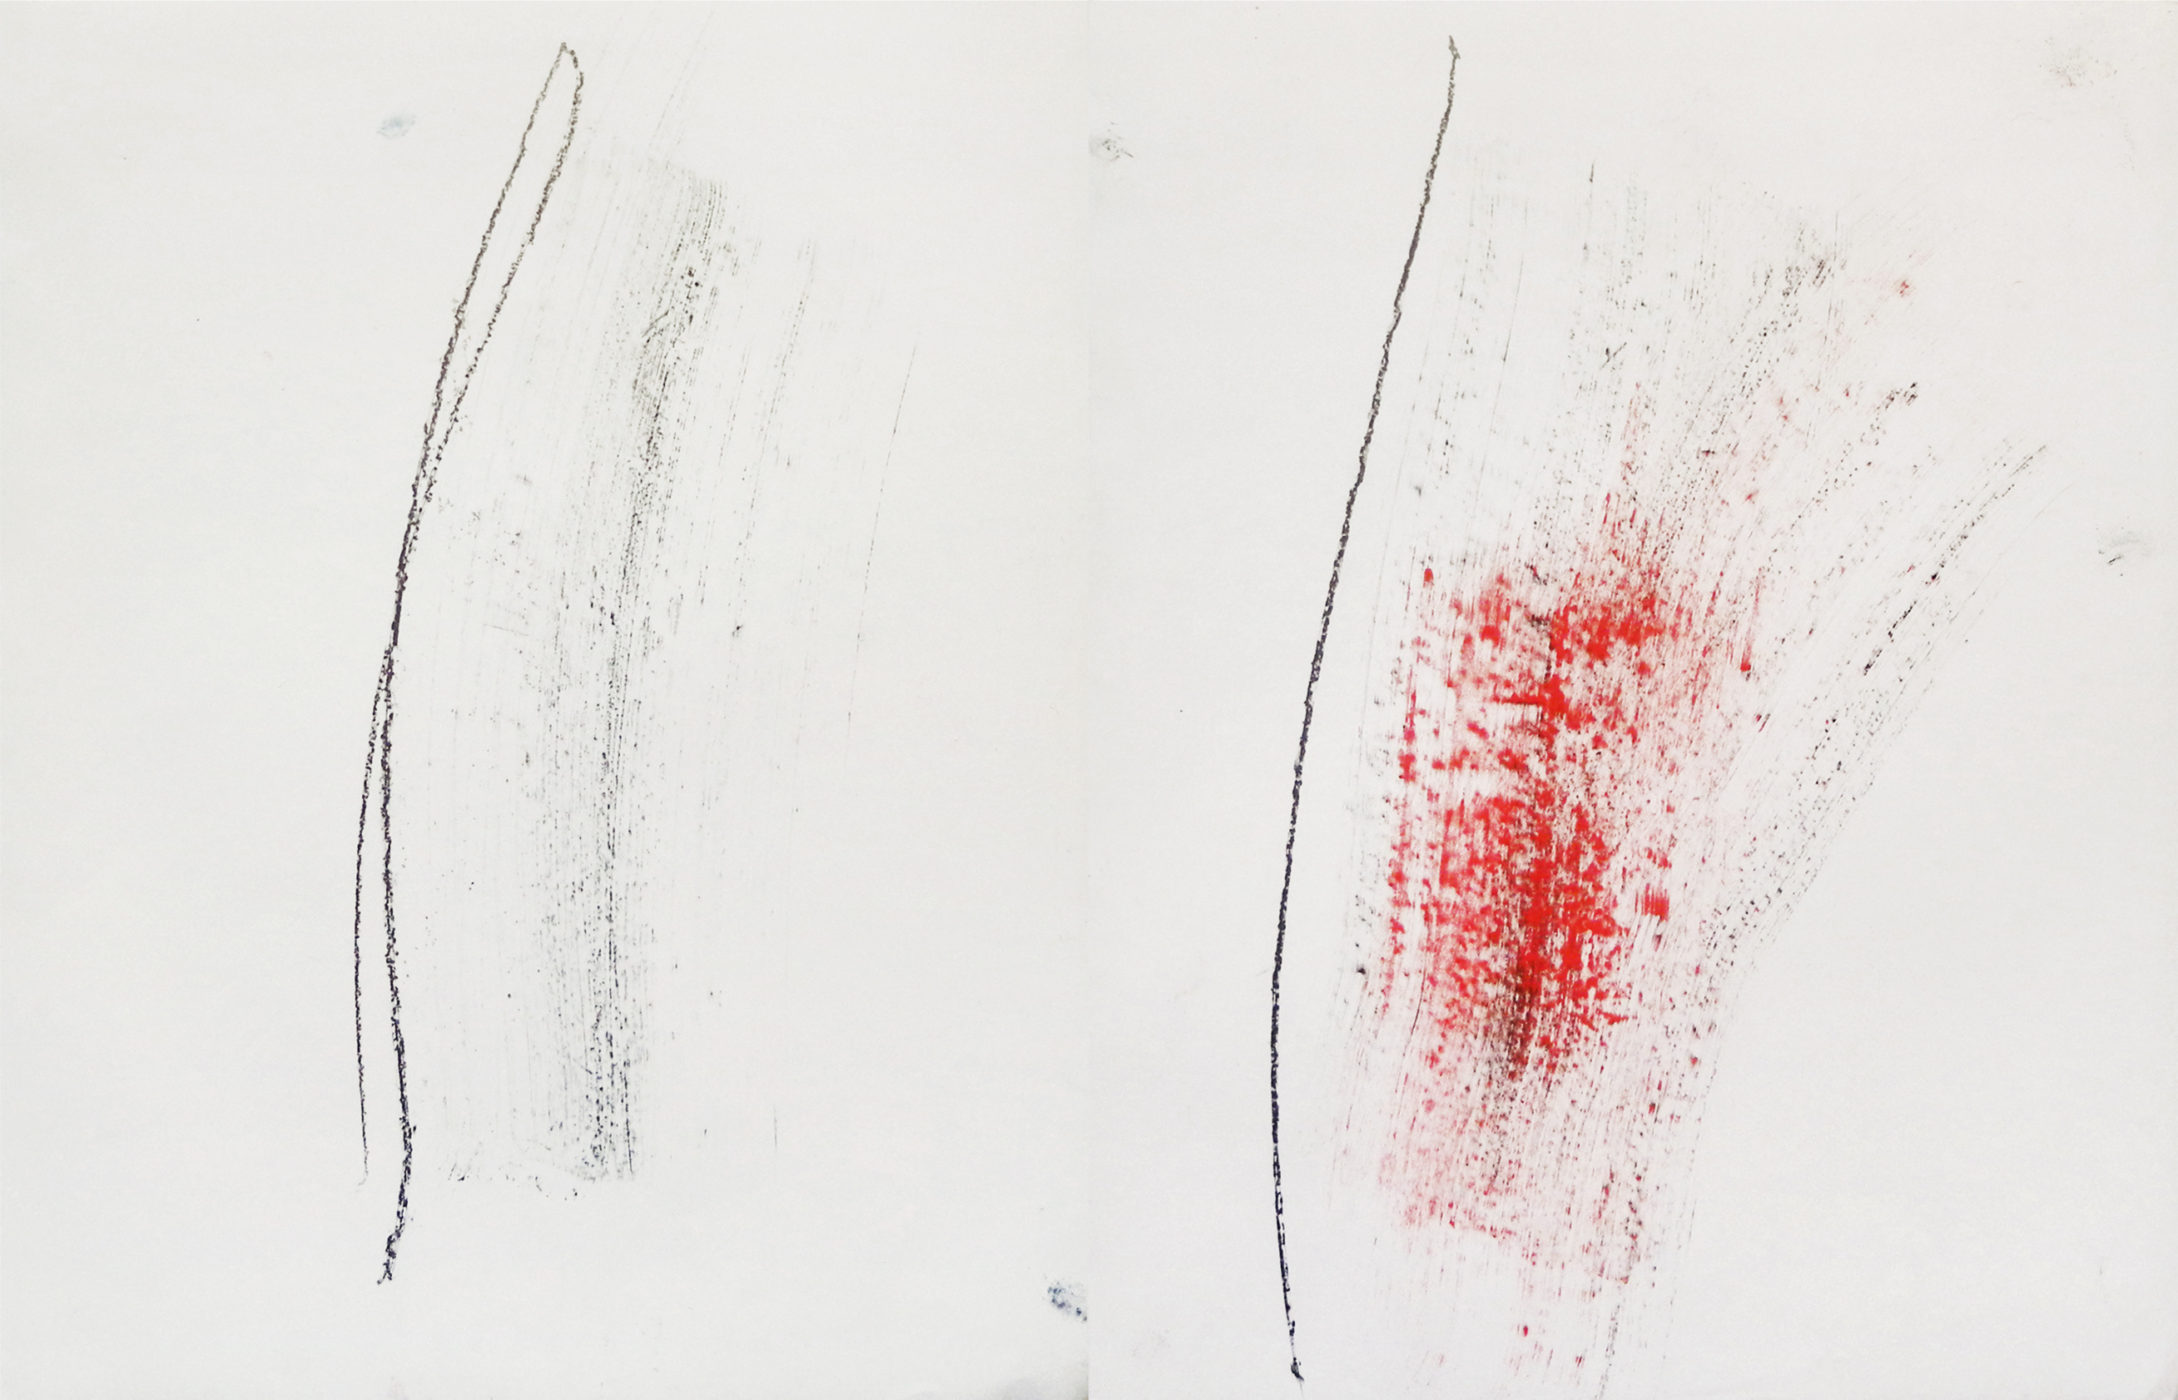 MARC FELD 2014 ACHAB  Mine de plomb et pigment sur papier 65 x 100 cm